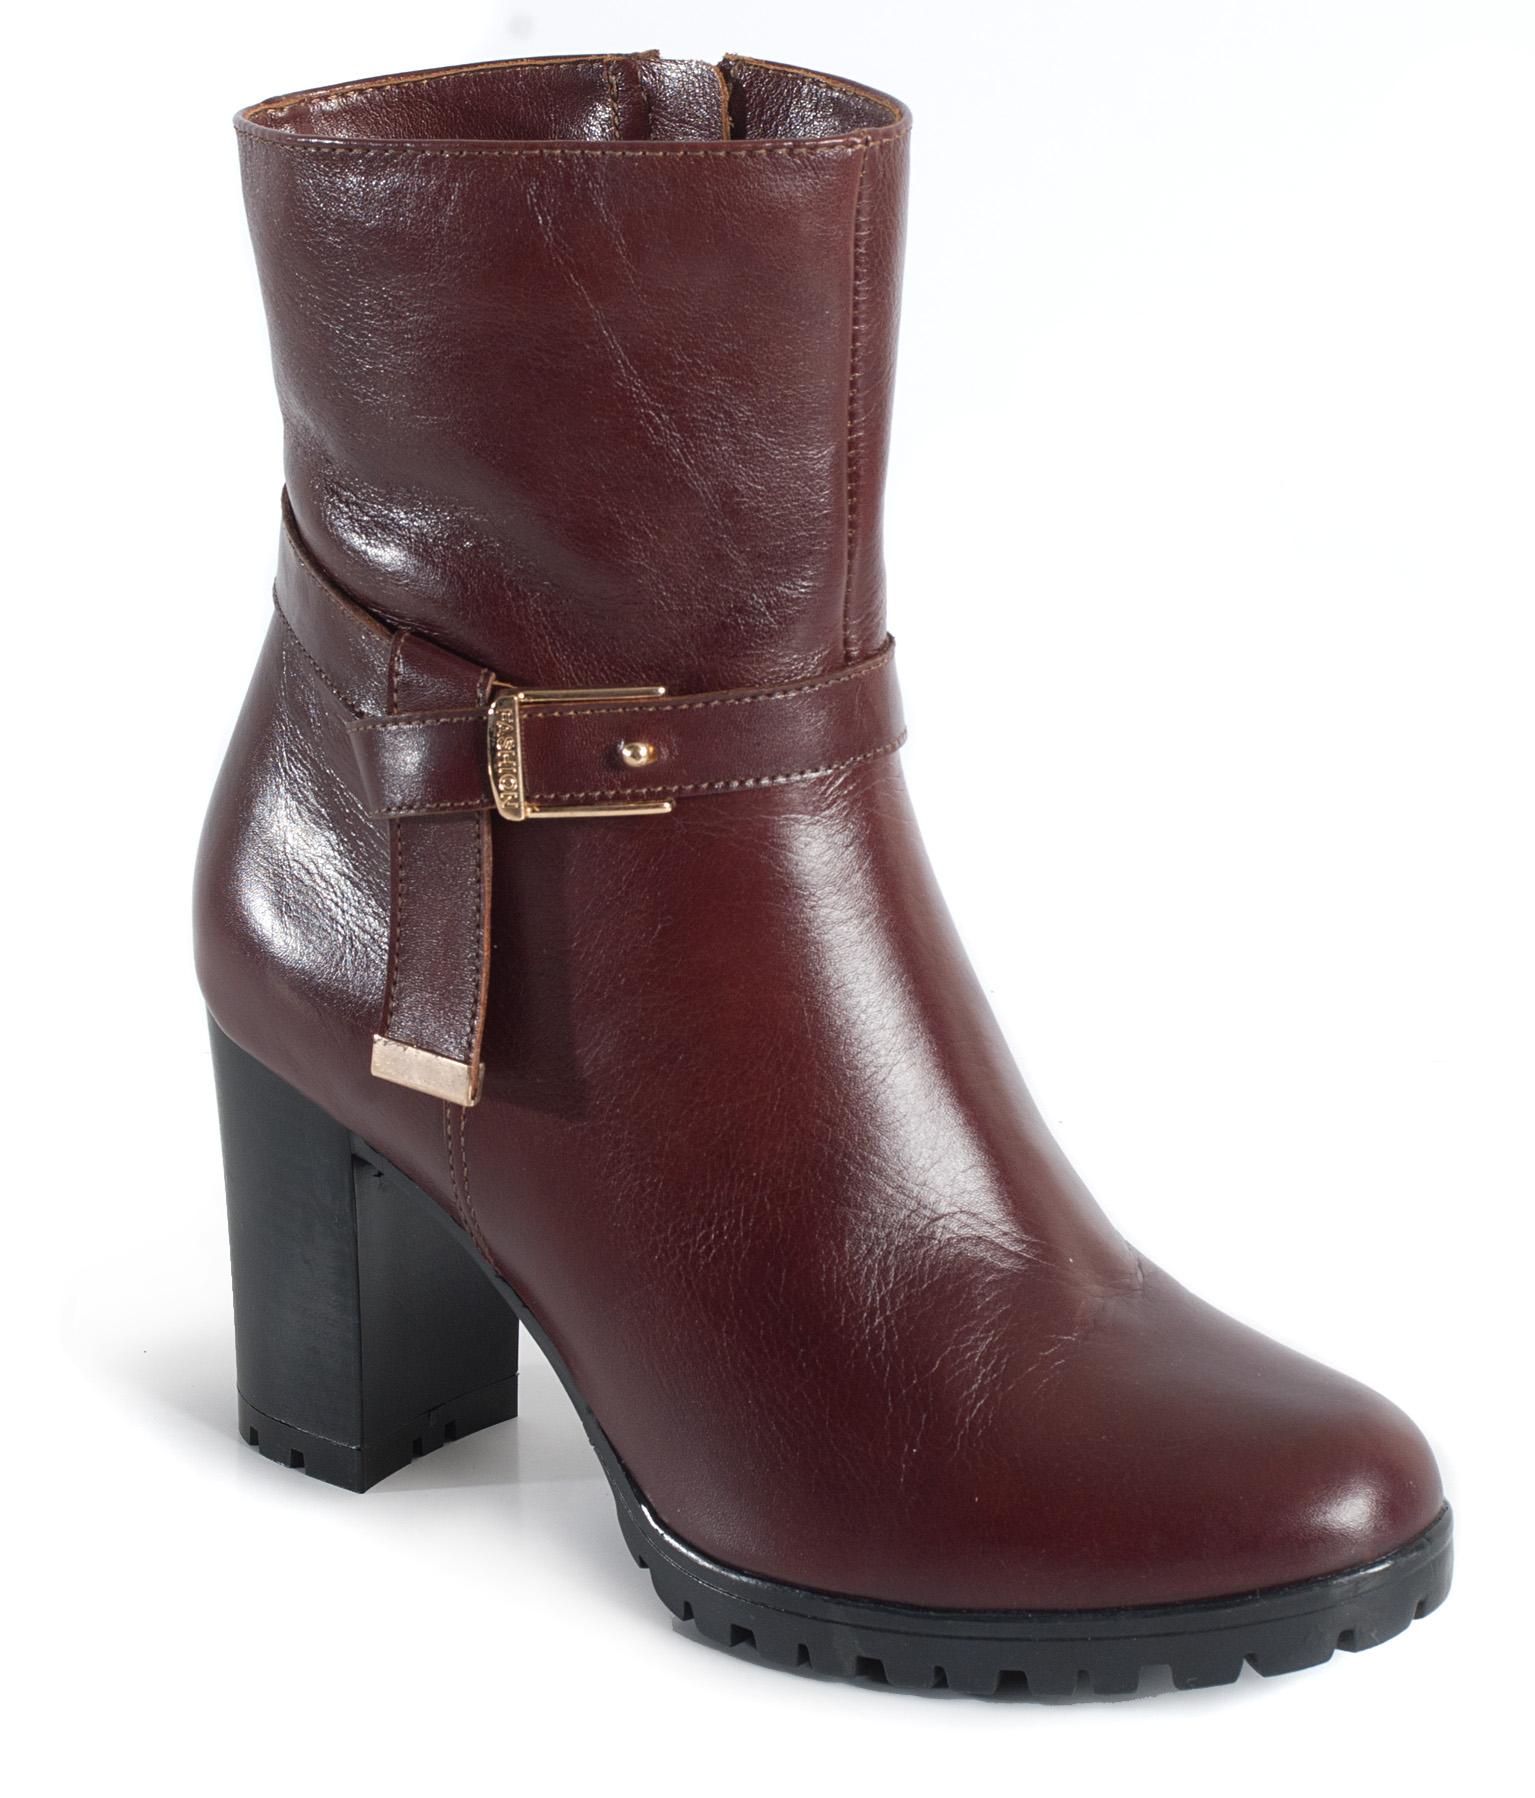 Сбор заказов.Готовимся к весне с обувью ИонеССи, без рядов, качество 100%. Многие уже оценили качество этой обуви.